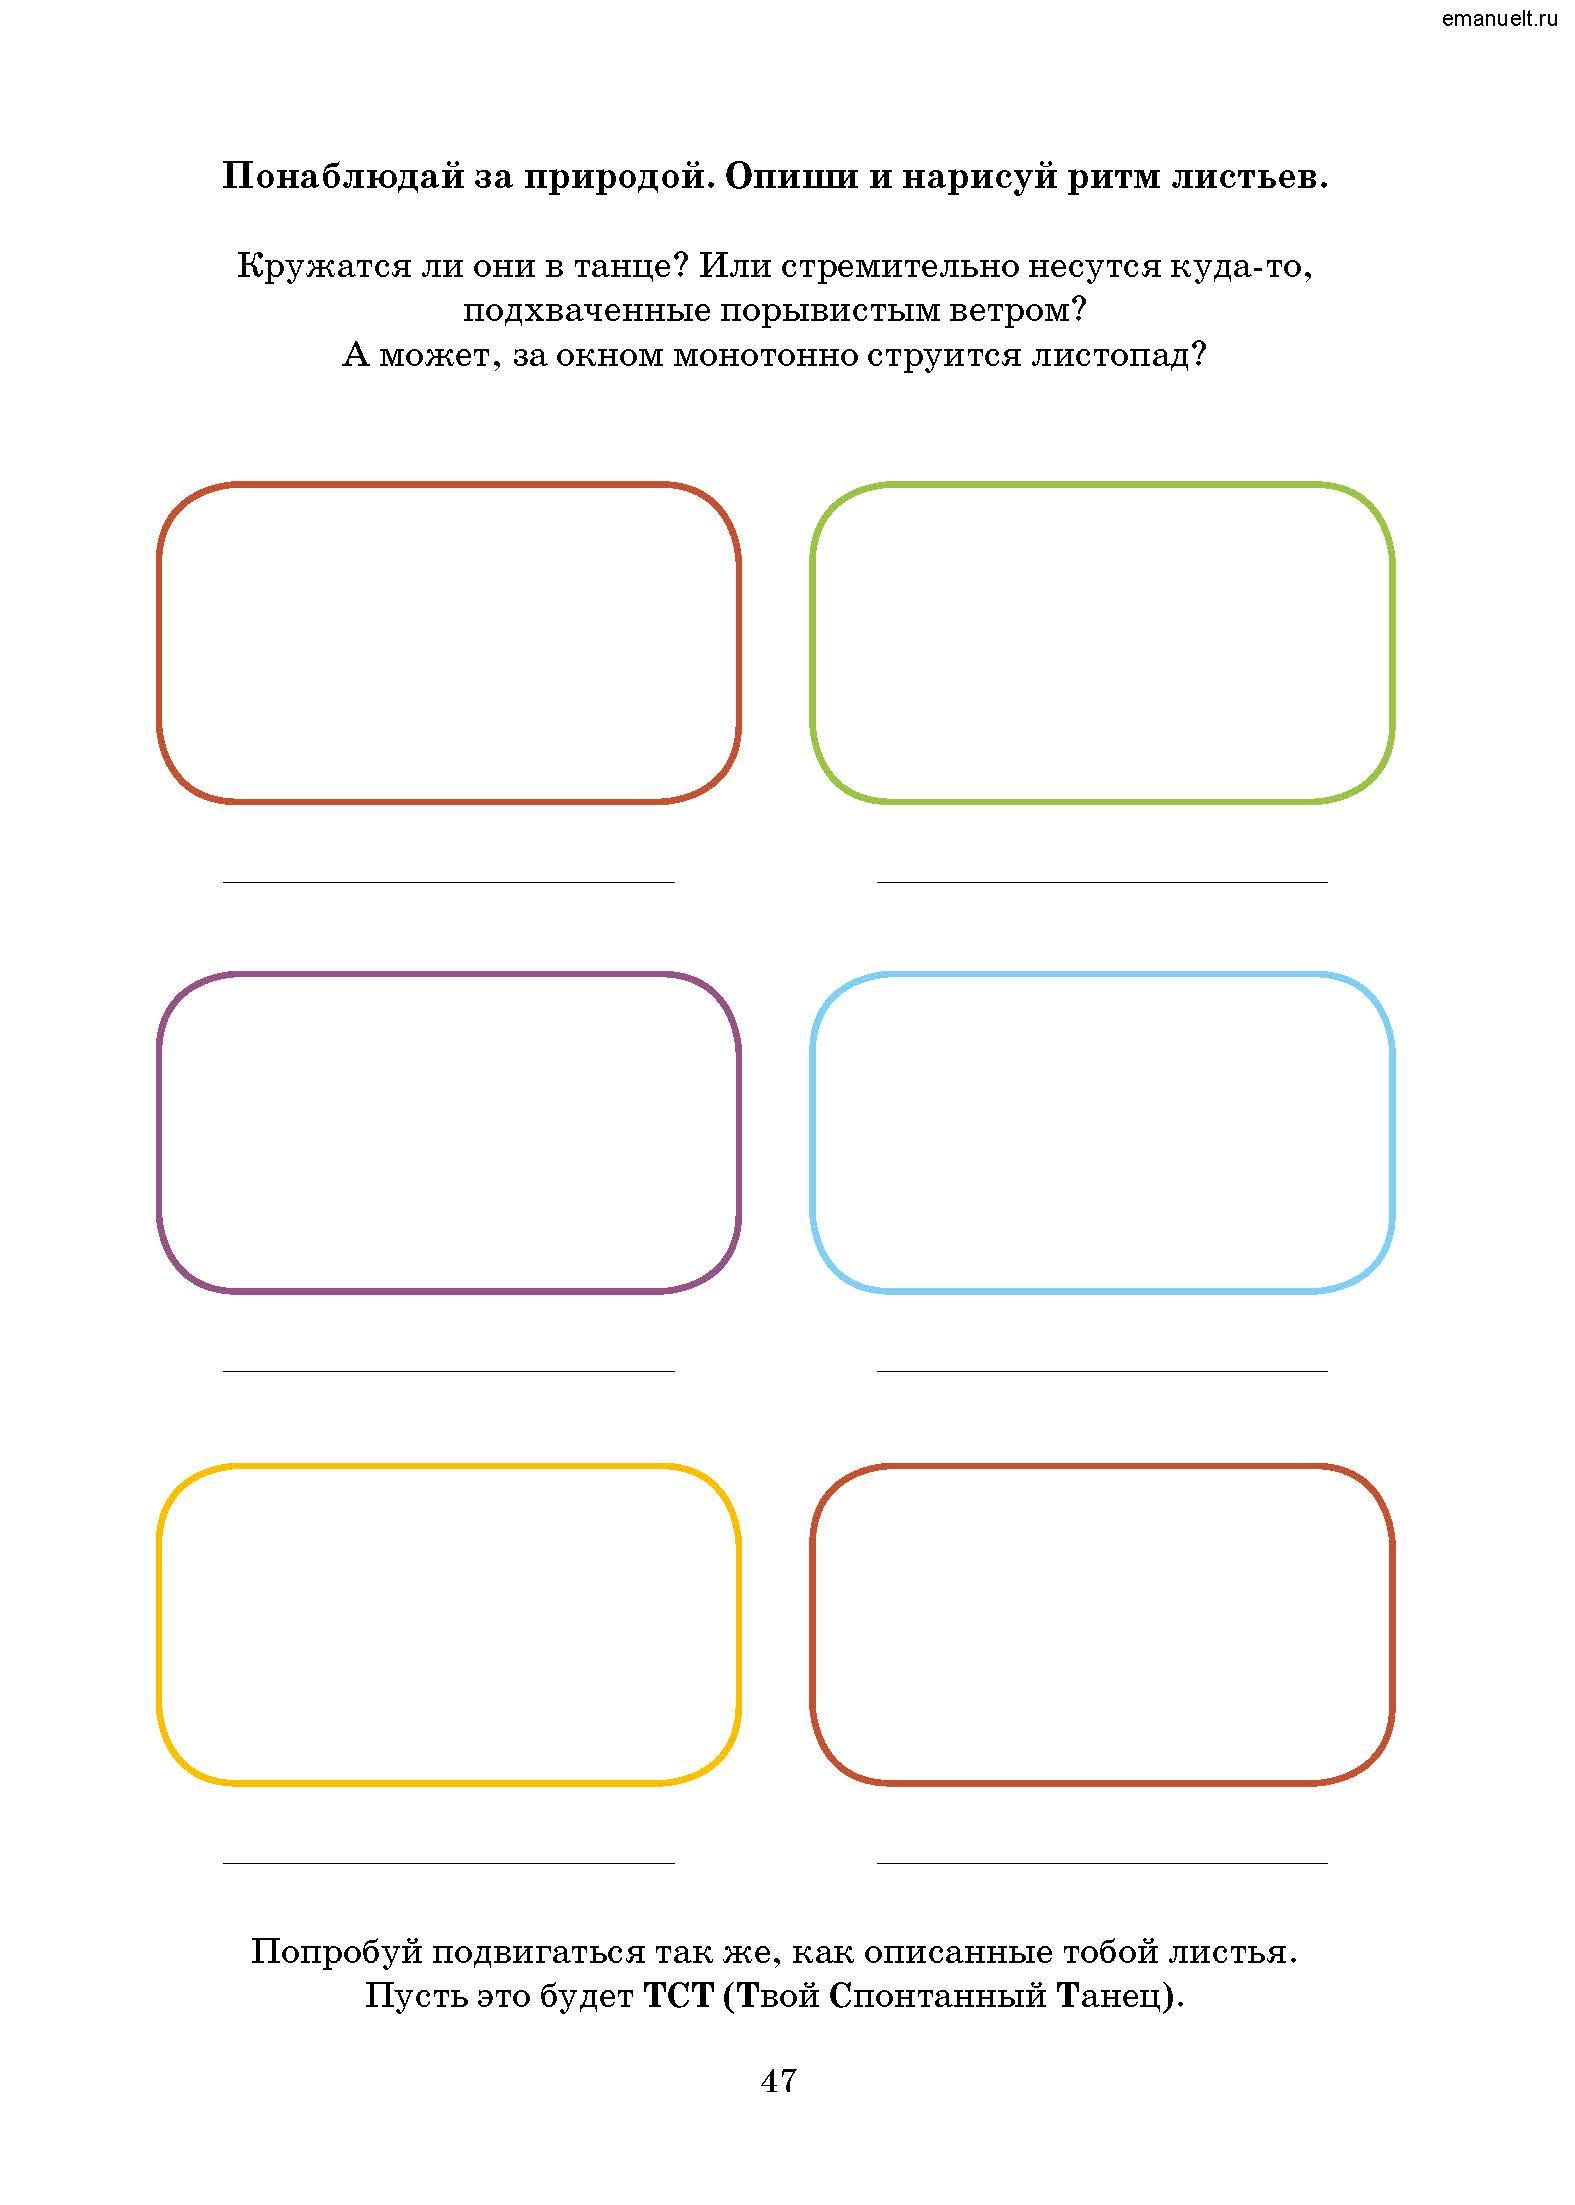 Рассказки в заданиях. emanuelt.ru_Страница_048